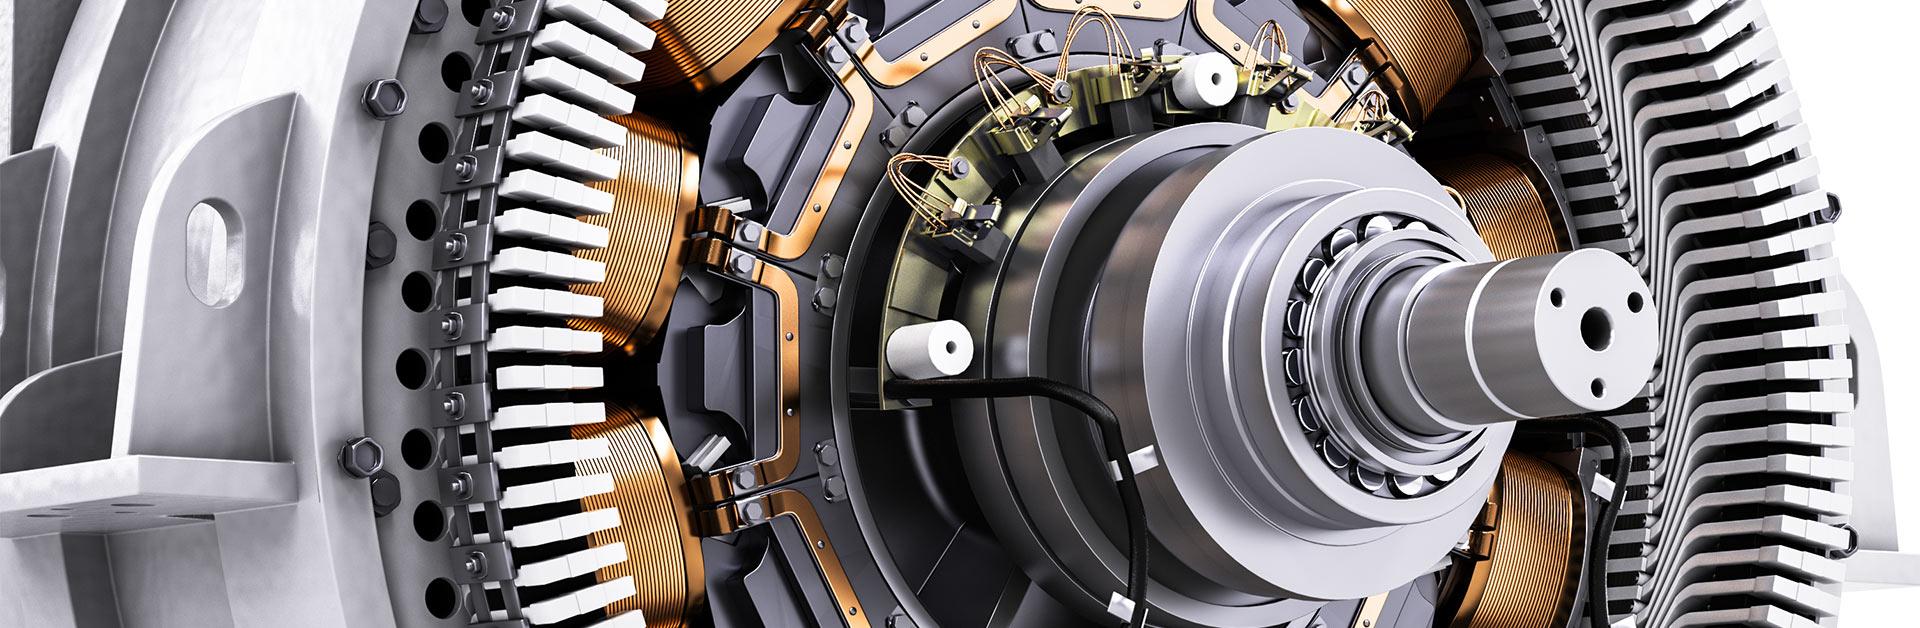 generator bg Электронный учебный комплекс «Силовые электрические машины переменного тока»